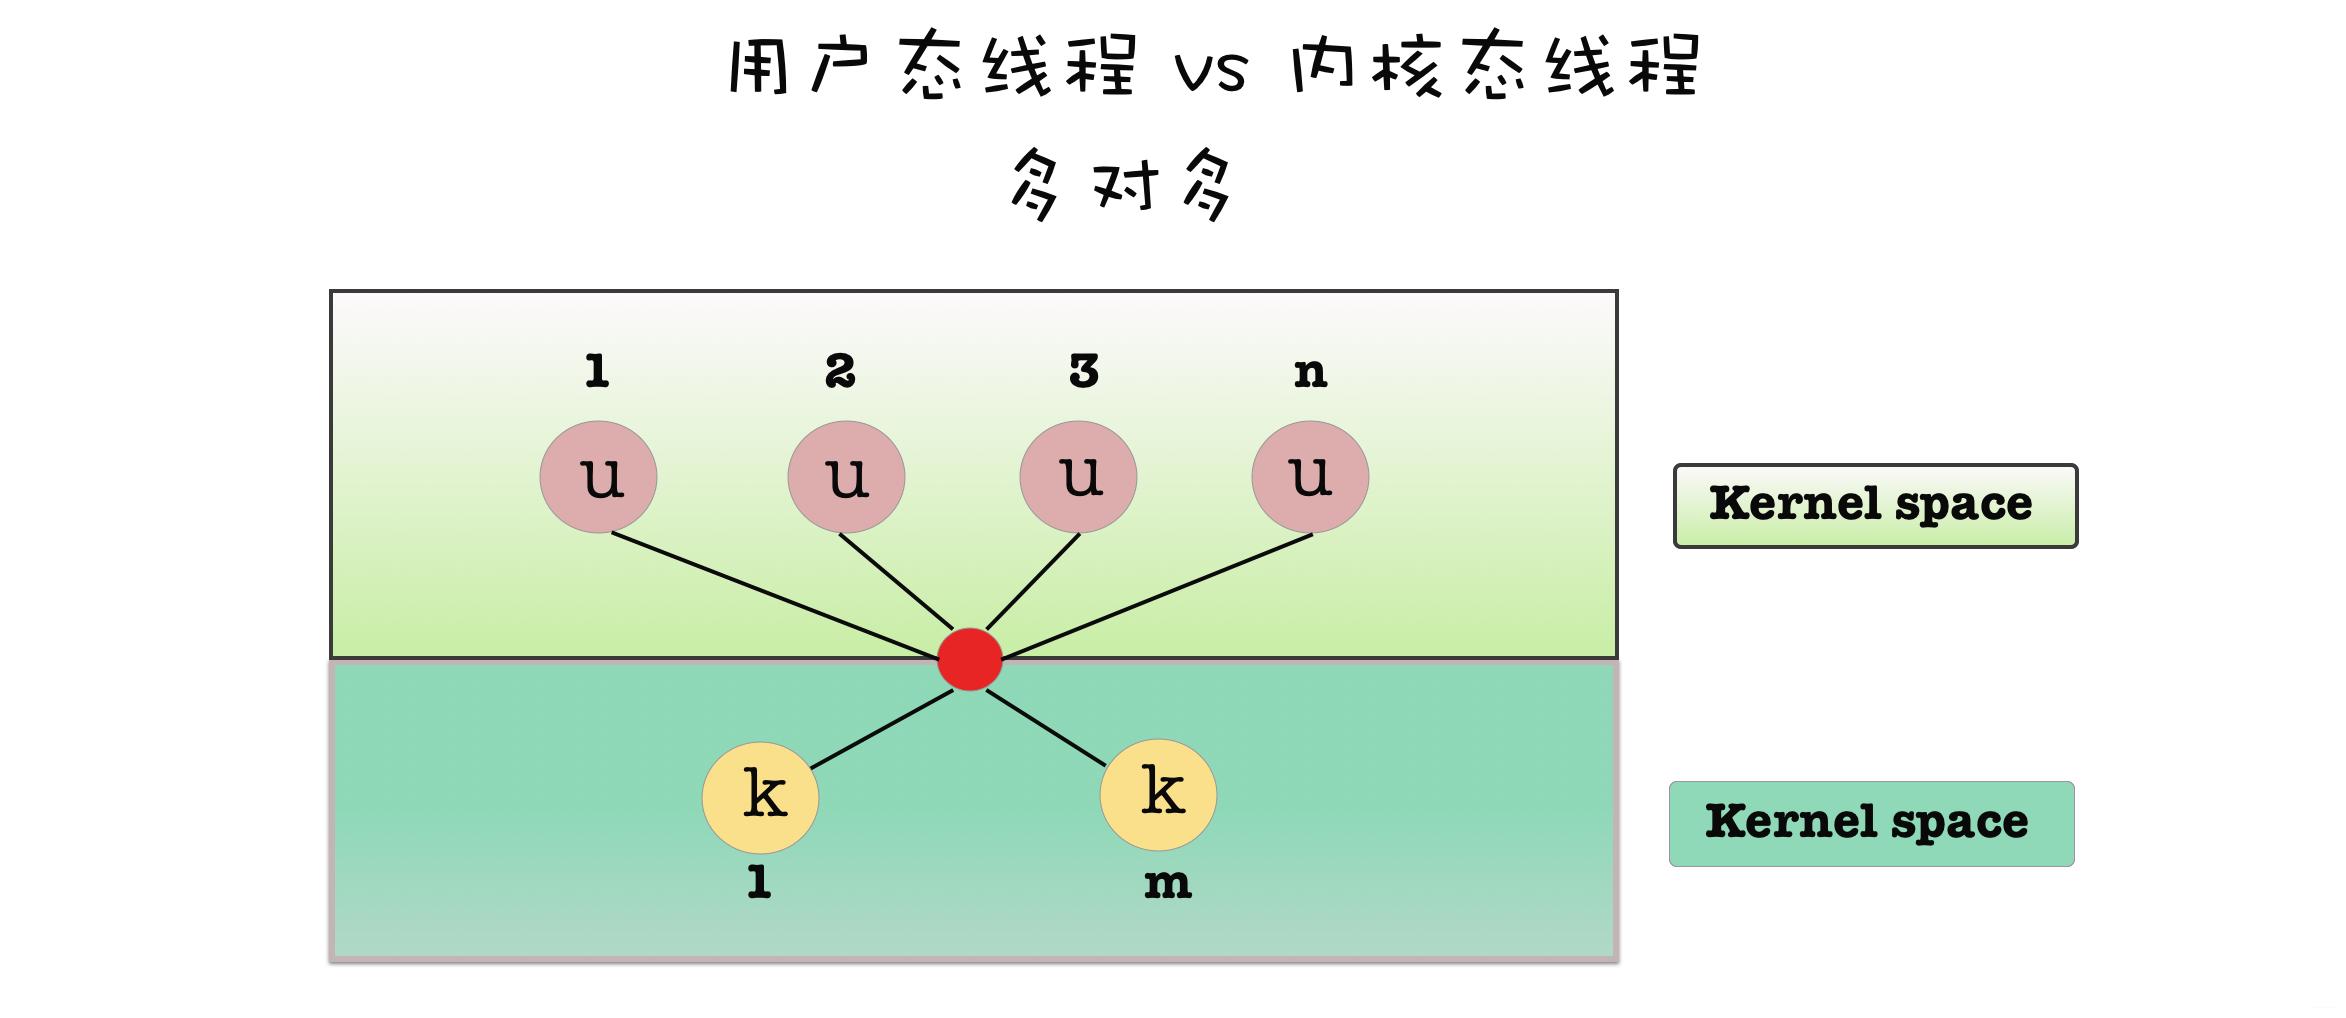 用户态线程与内核态线程多对一用户态线程与内核态线程多对多